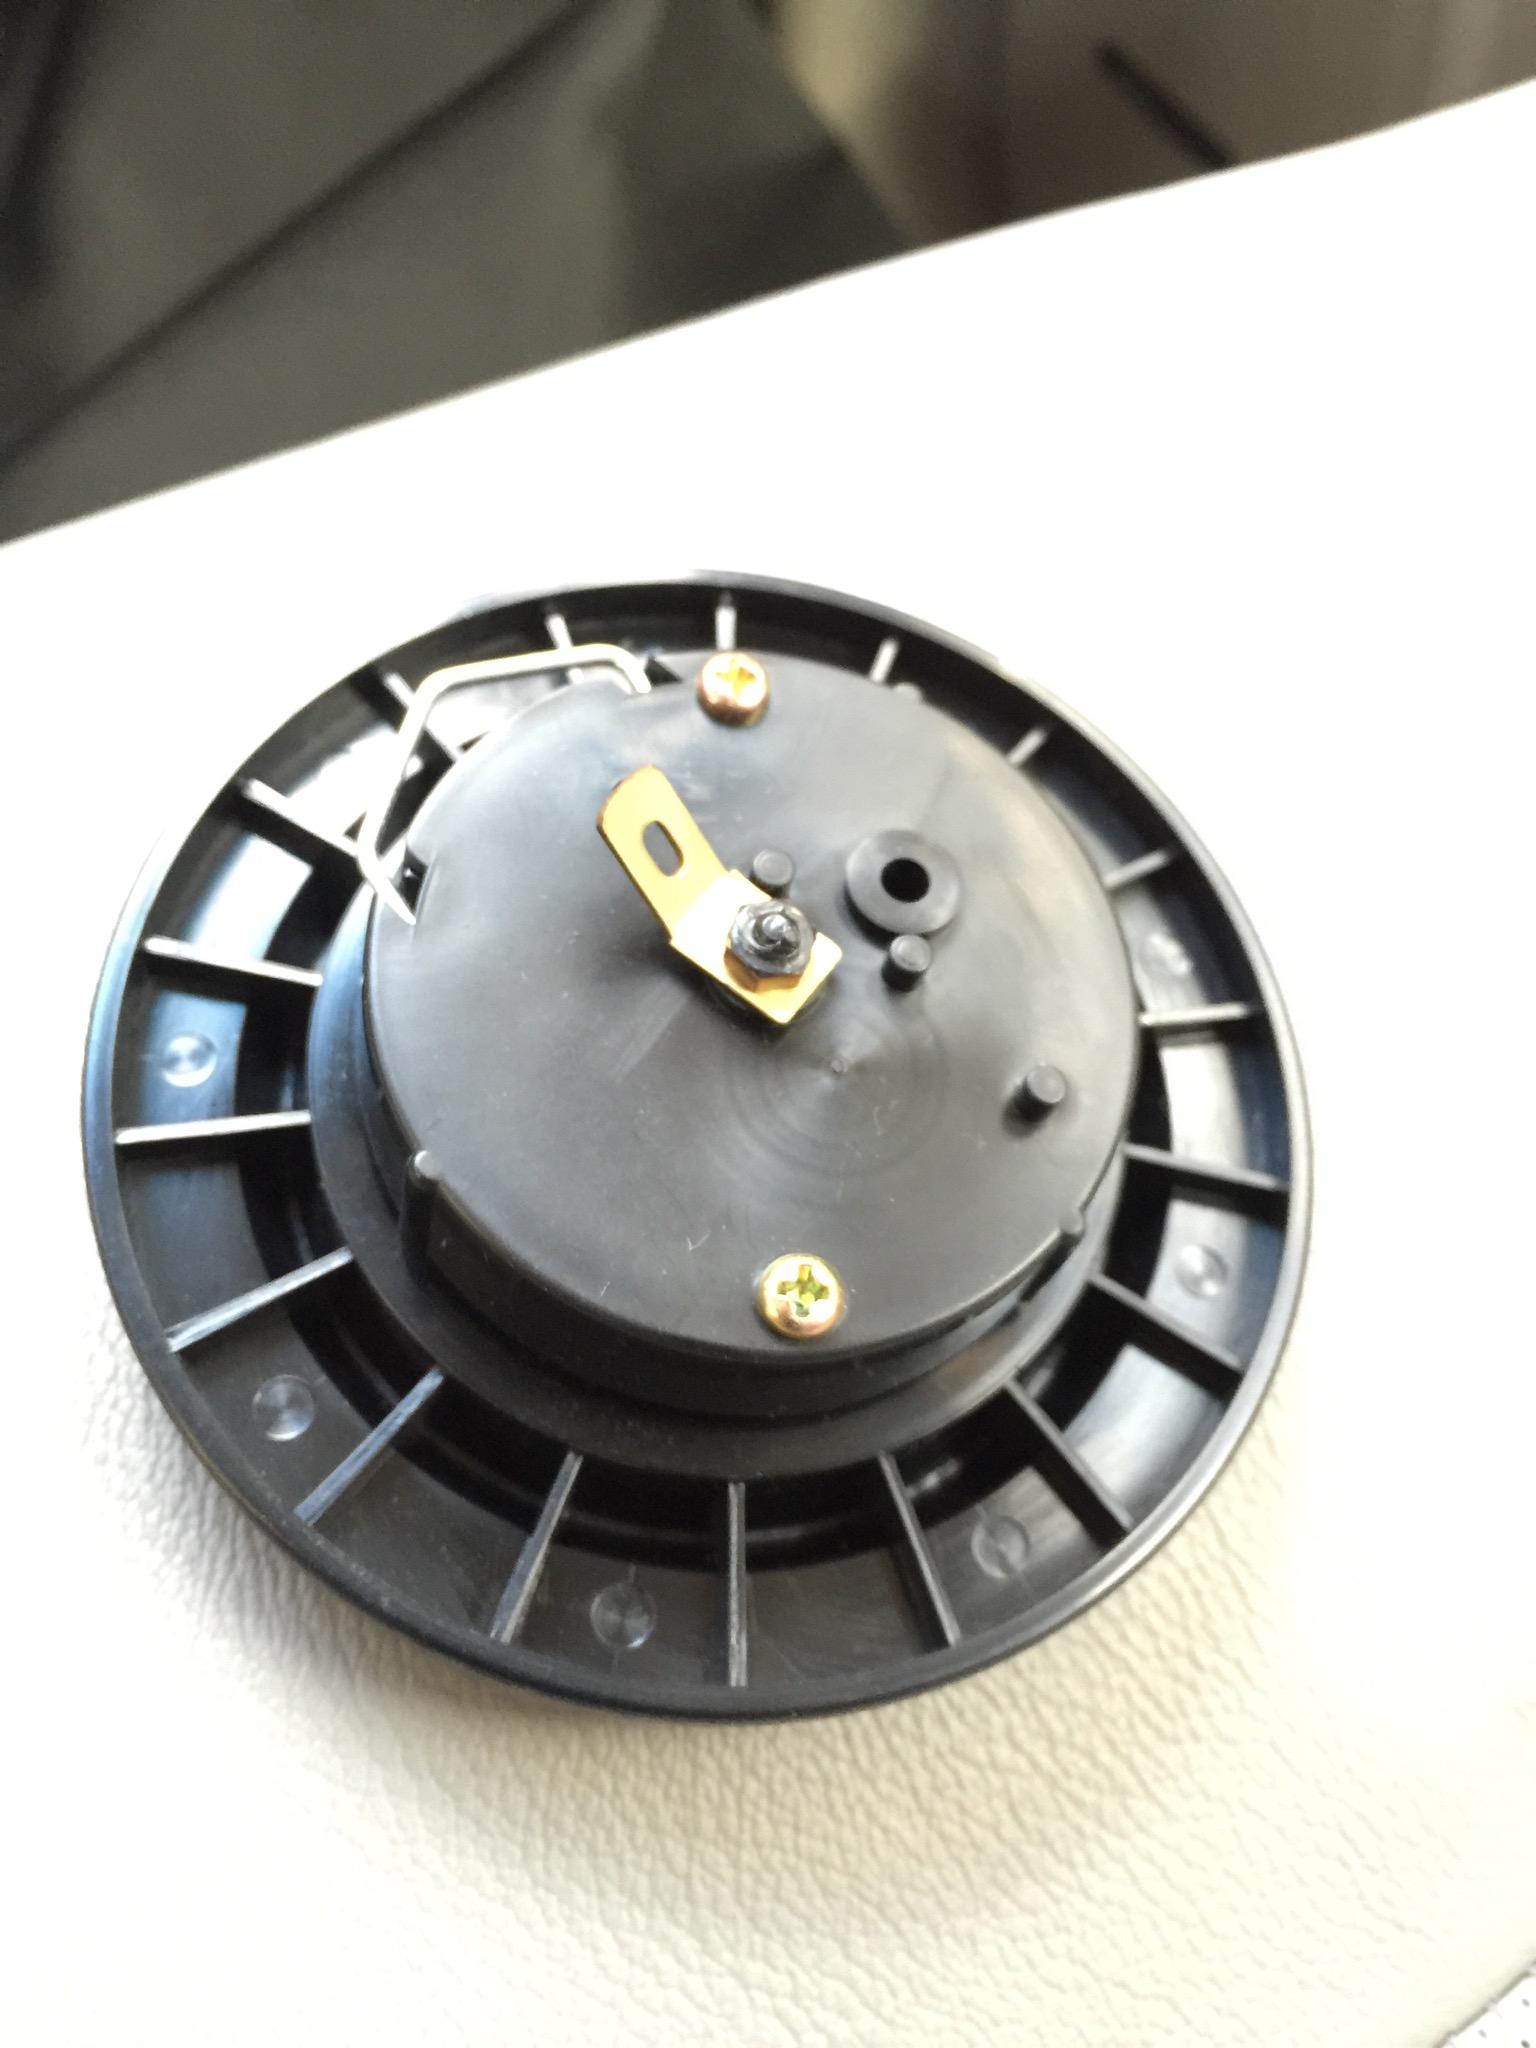 Datsun horn button